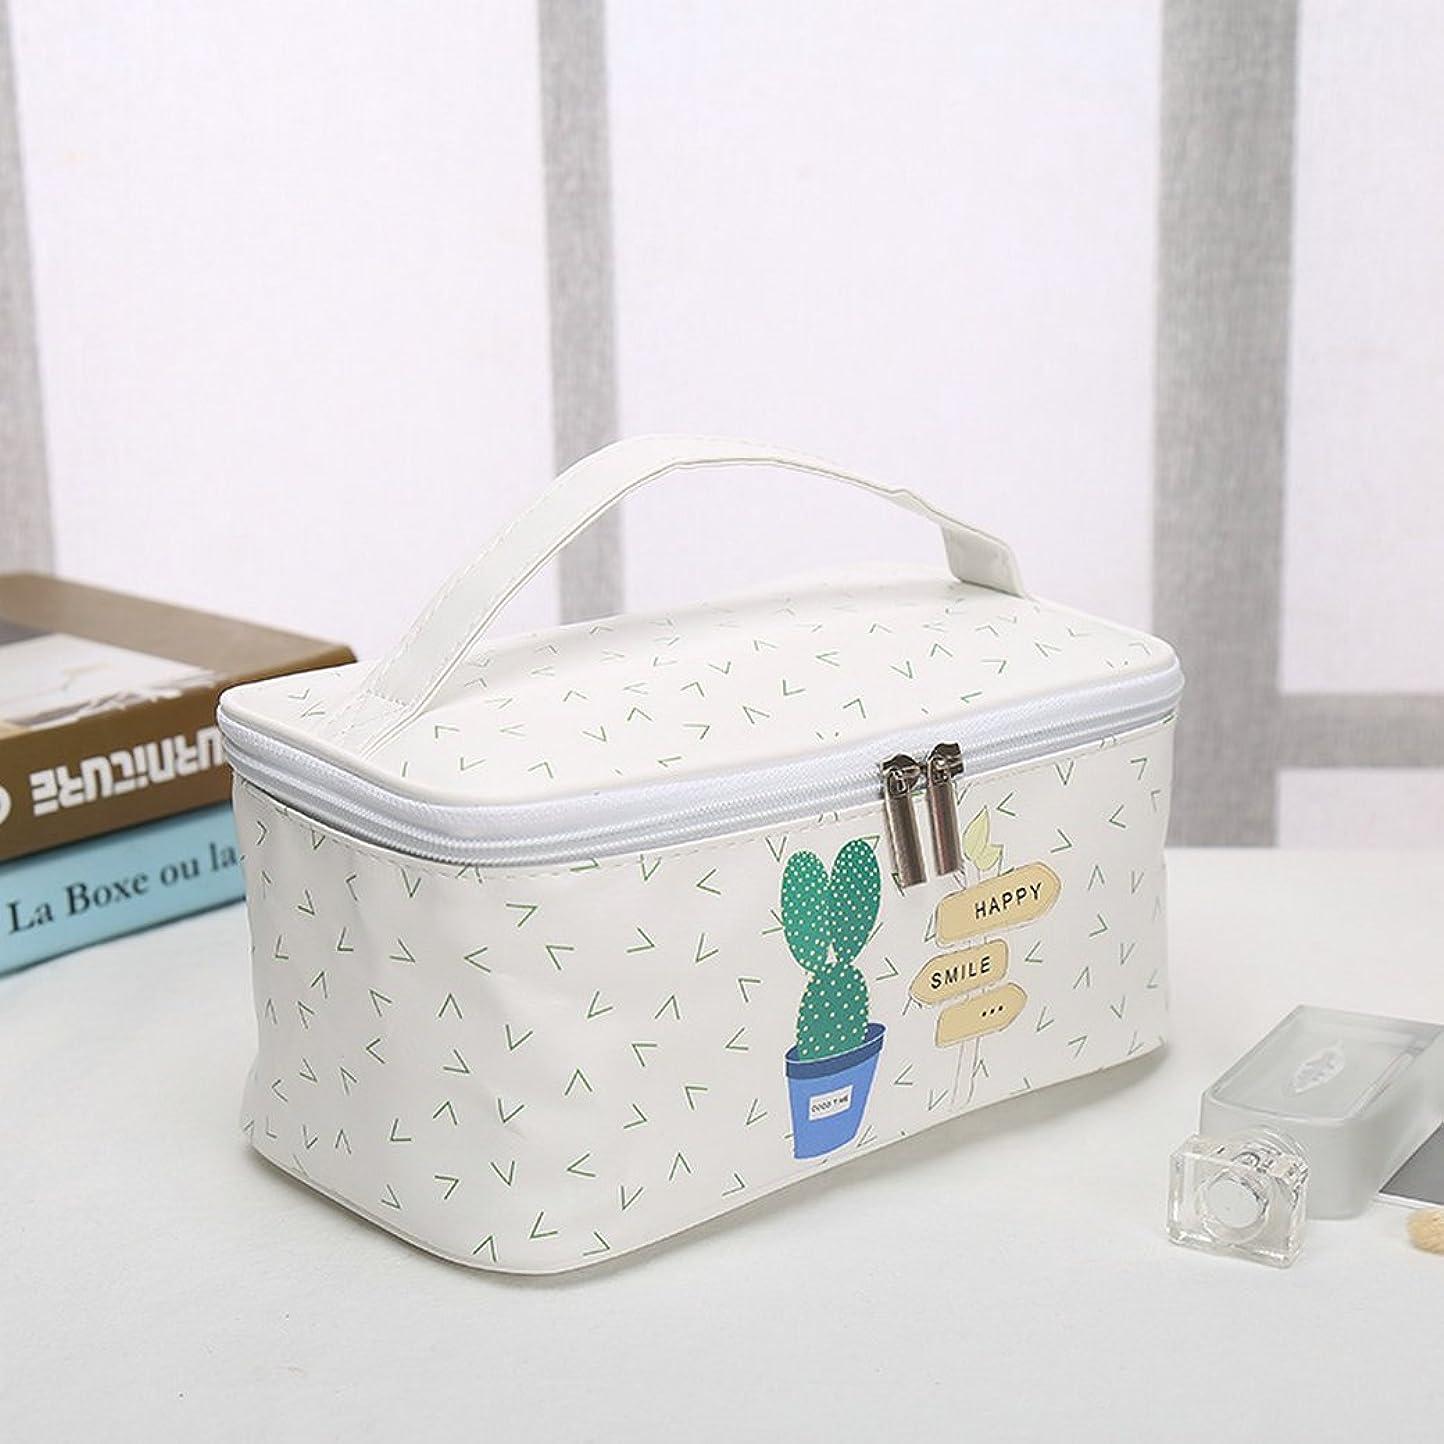 多機能 大容量 コスメバッグ 化粧ポーチ 洗面用具入れ 帆布 小物入れ 外出 通勤 旅行用 軽い 収納袋